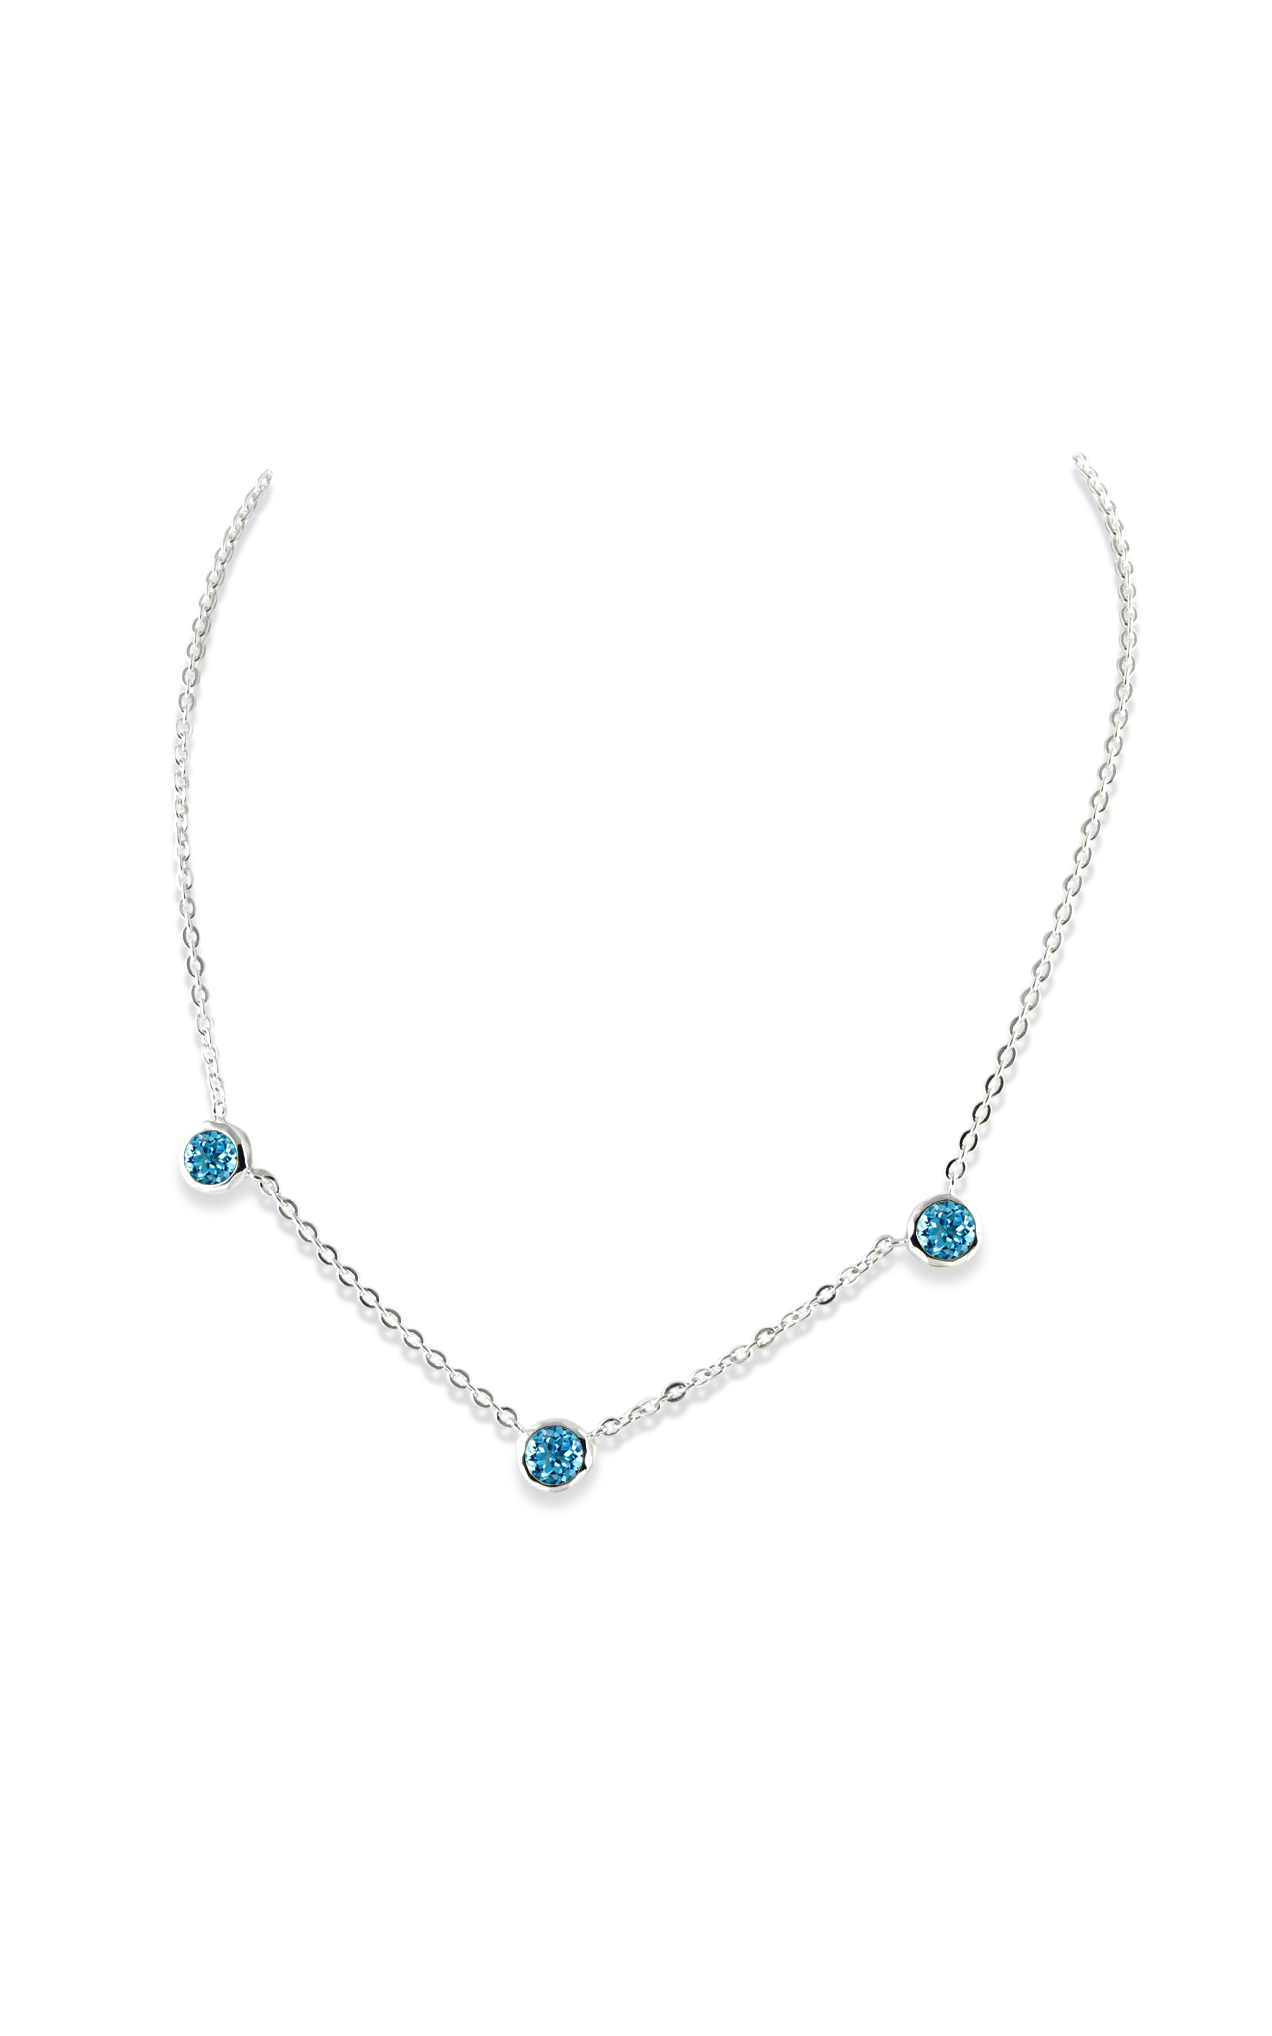 3 Stone Necklace P - A1633-17-BT